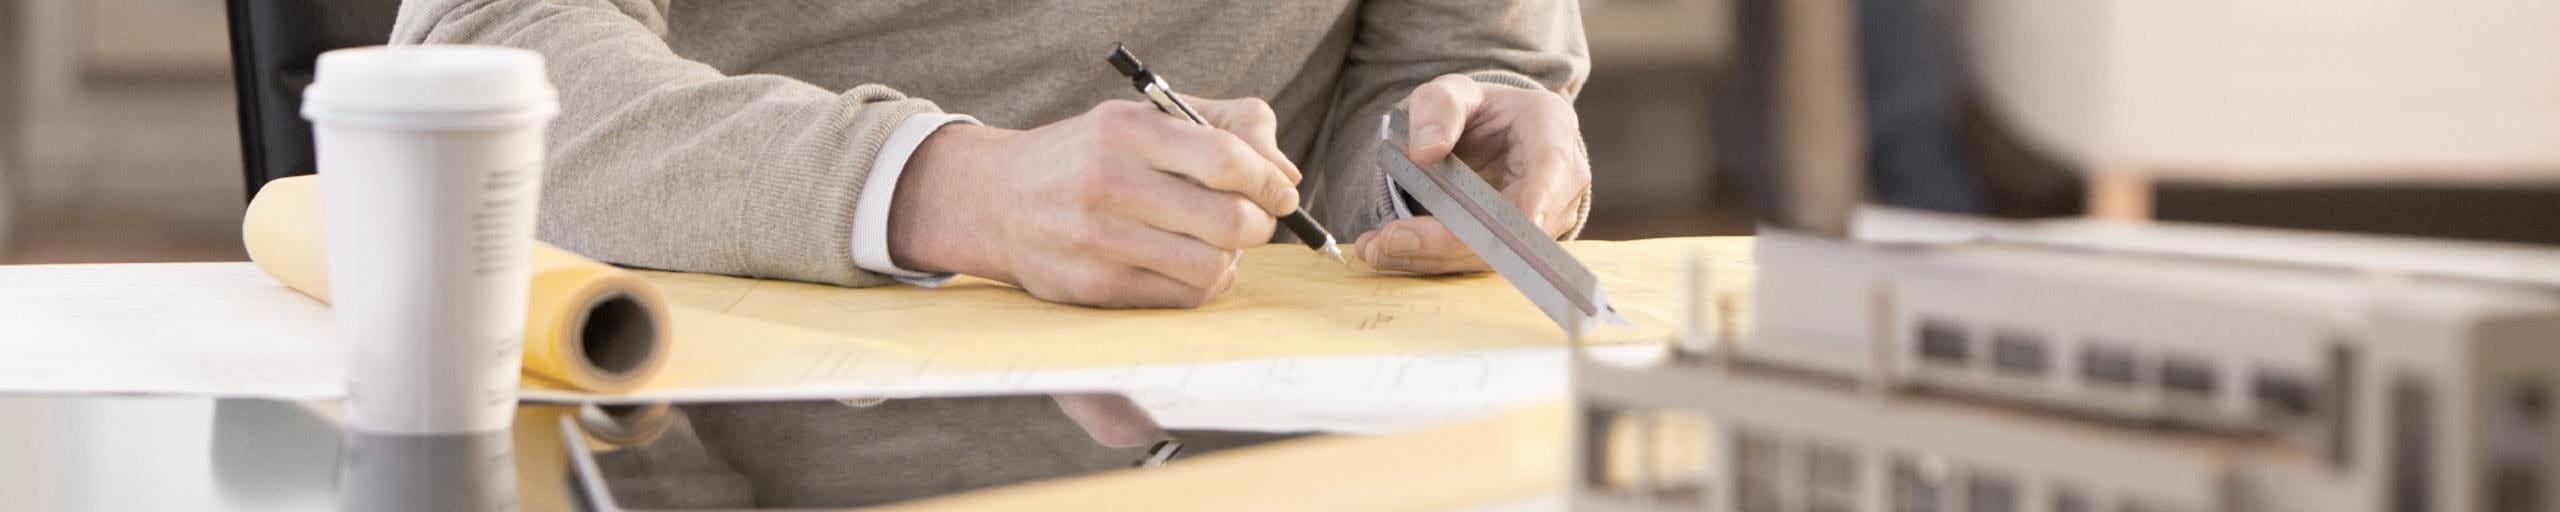 Un homme dessine des schémas à sa place de travail.